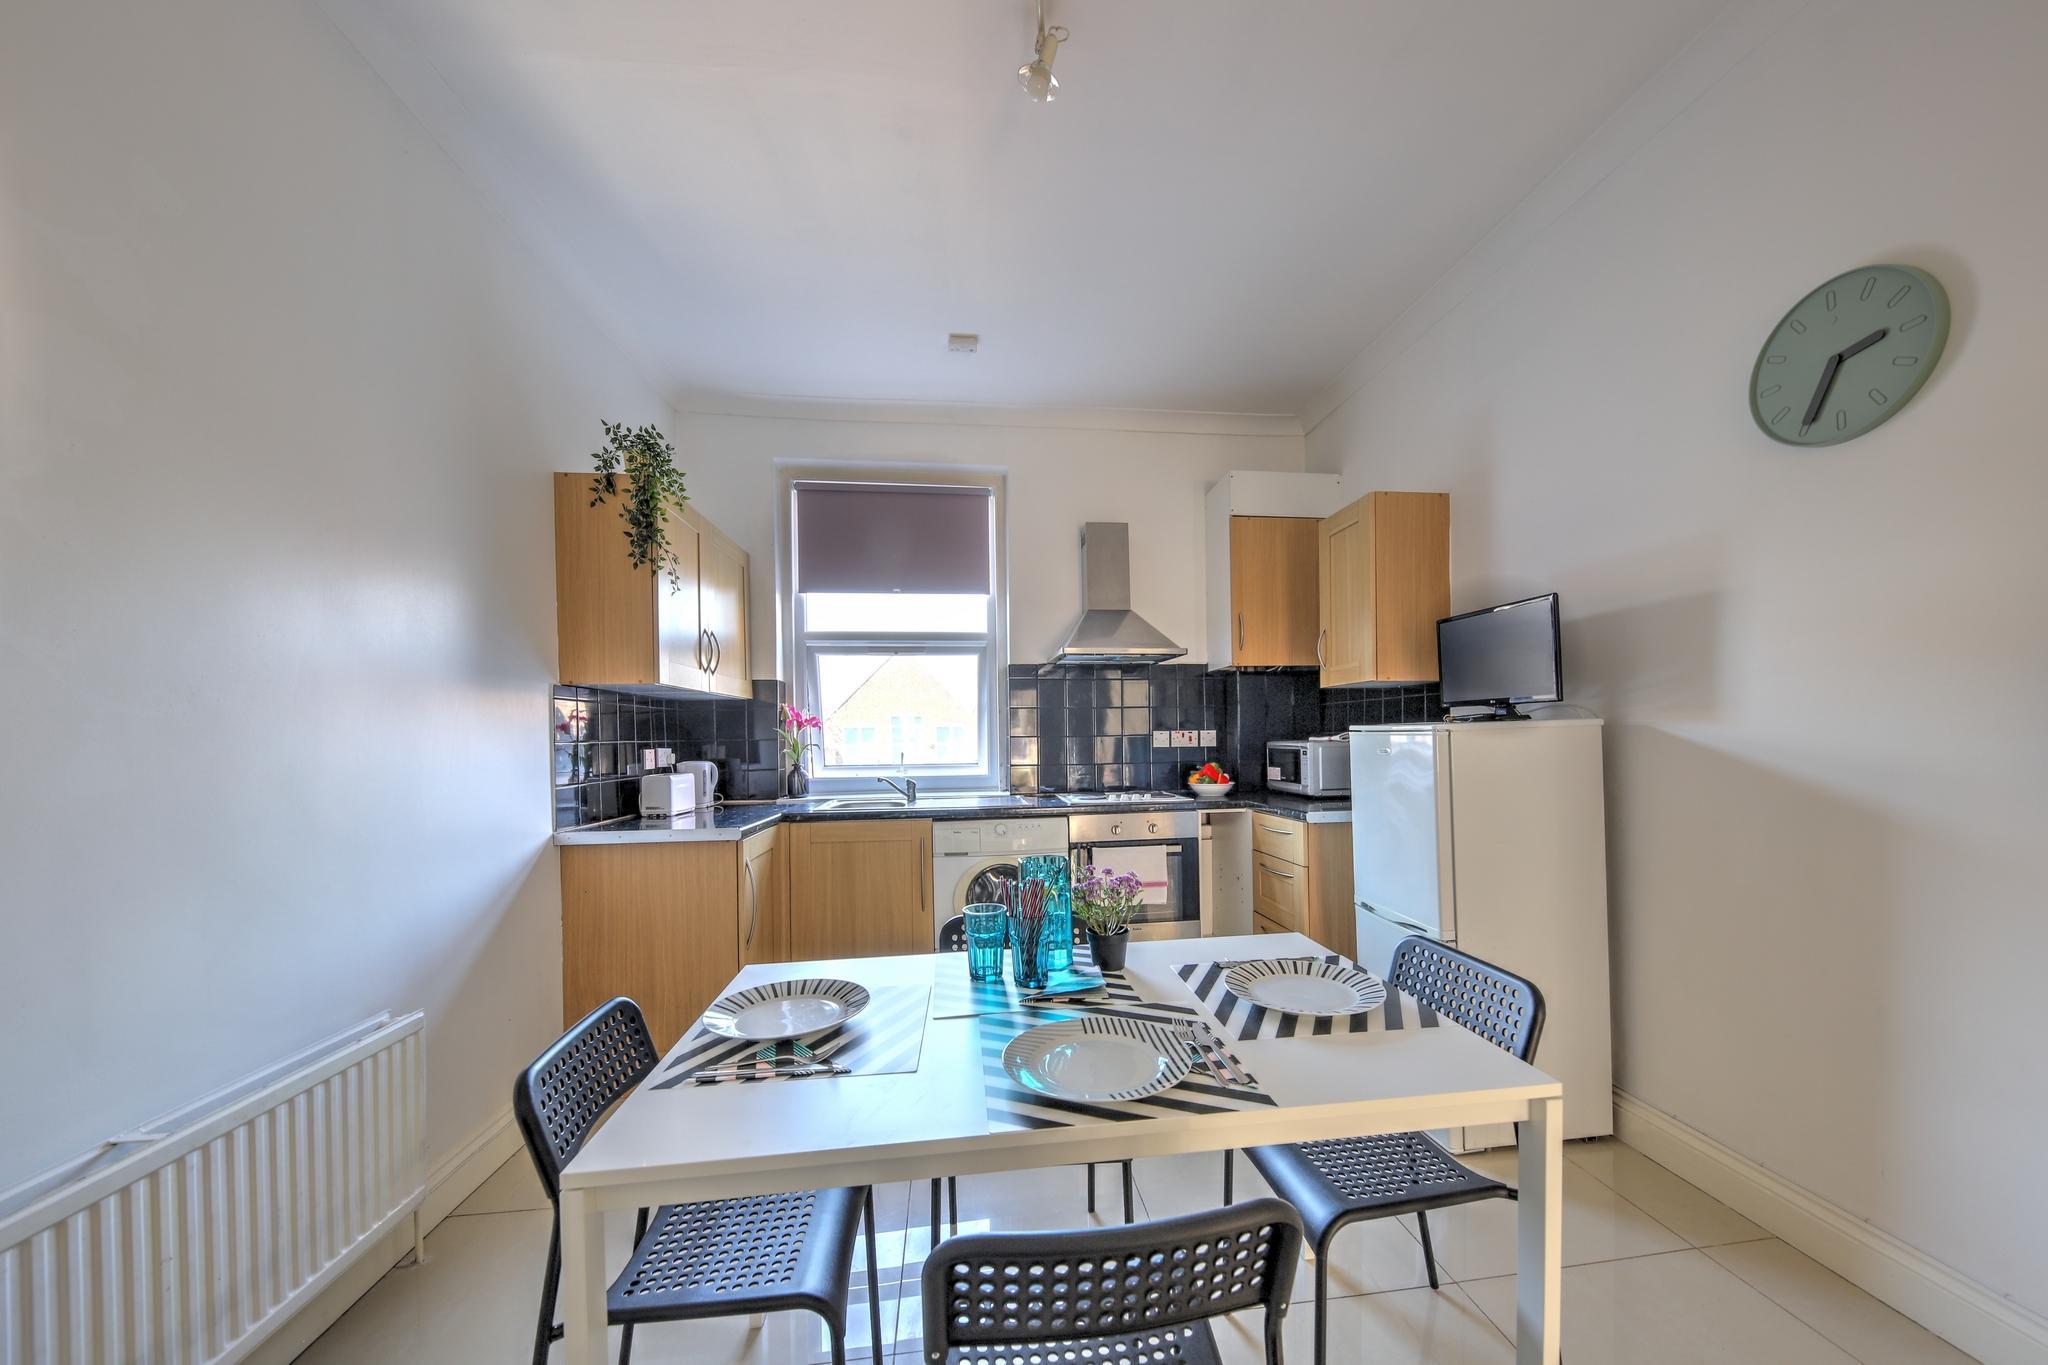 Price 2 Bedroom Apartment #30.2B